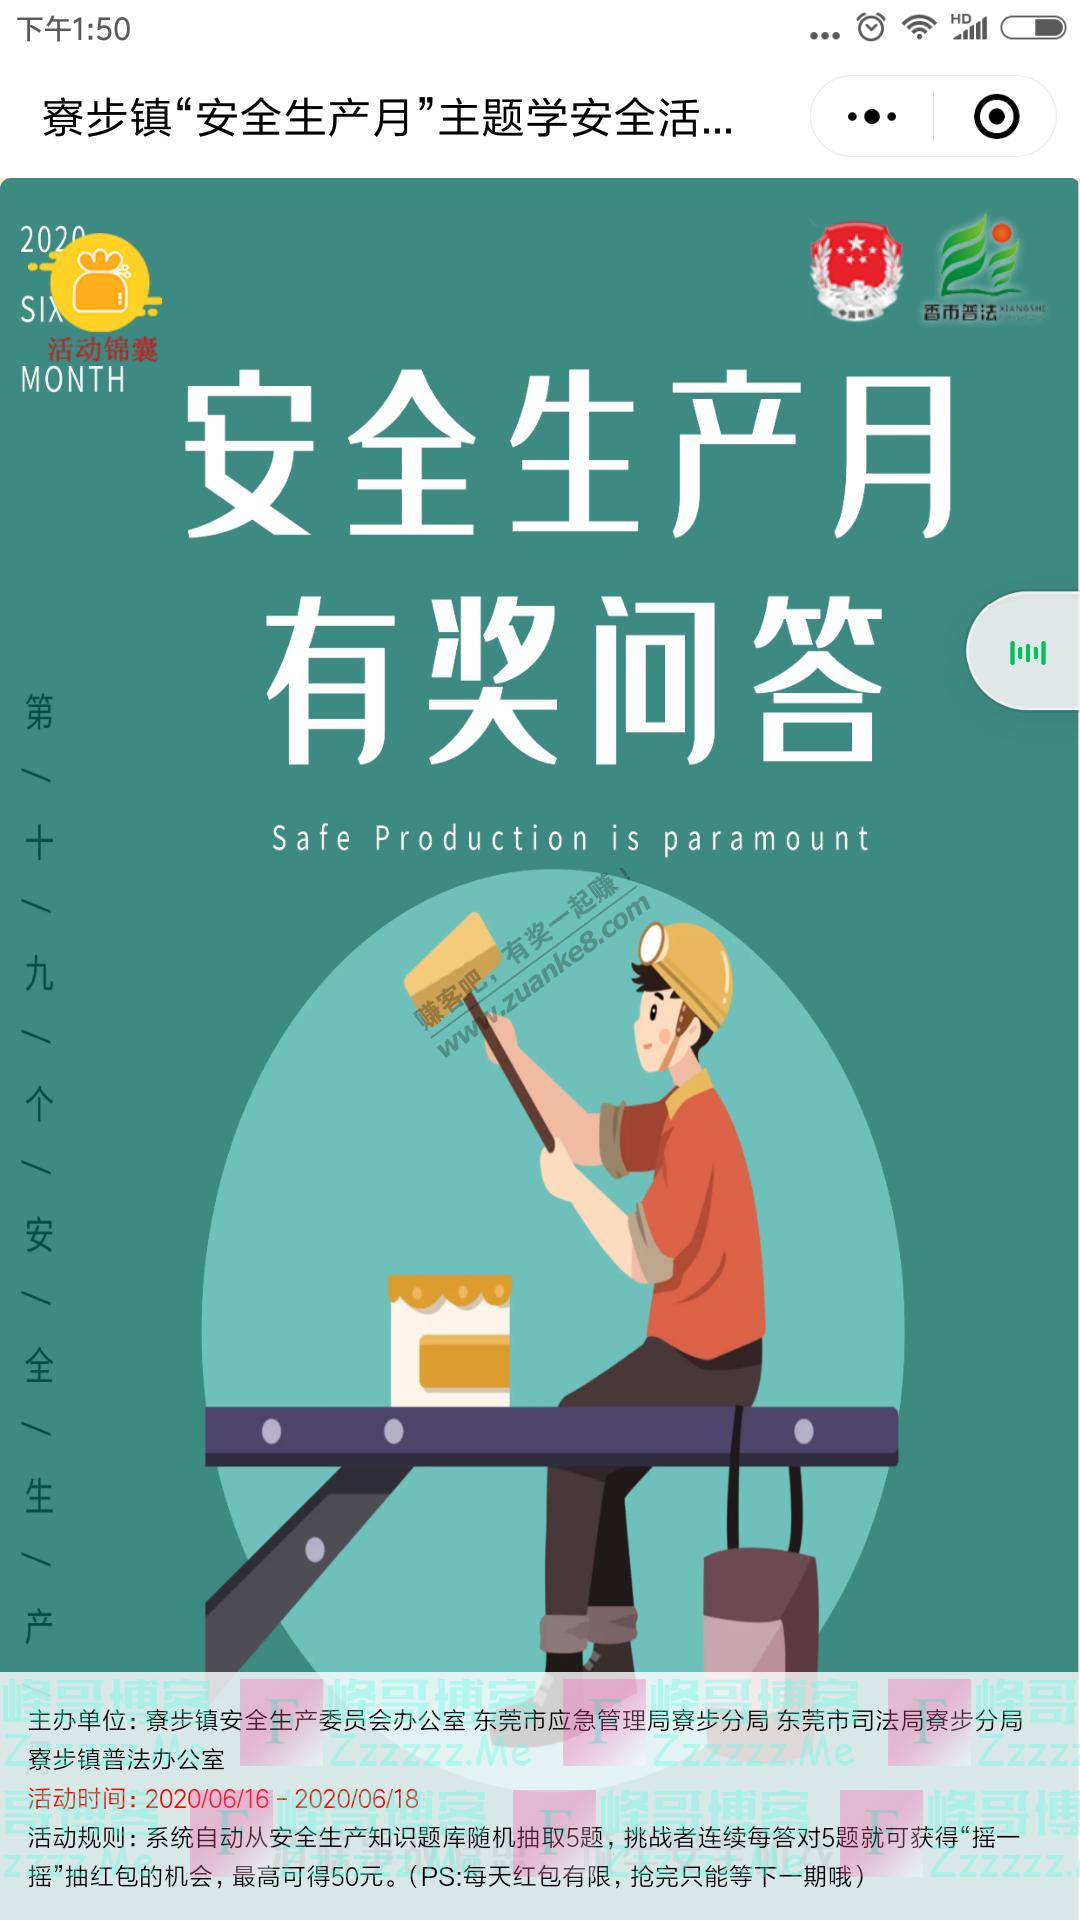 香市普法寮步镇安全生产月有奖问答(截止6月18日)